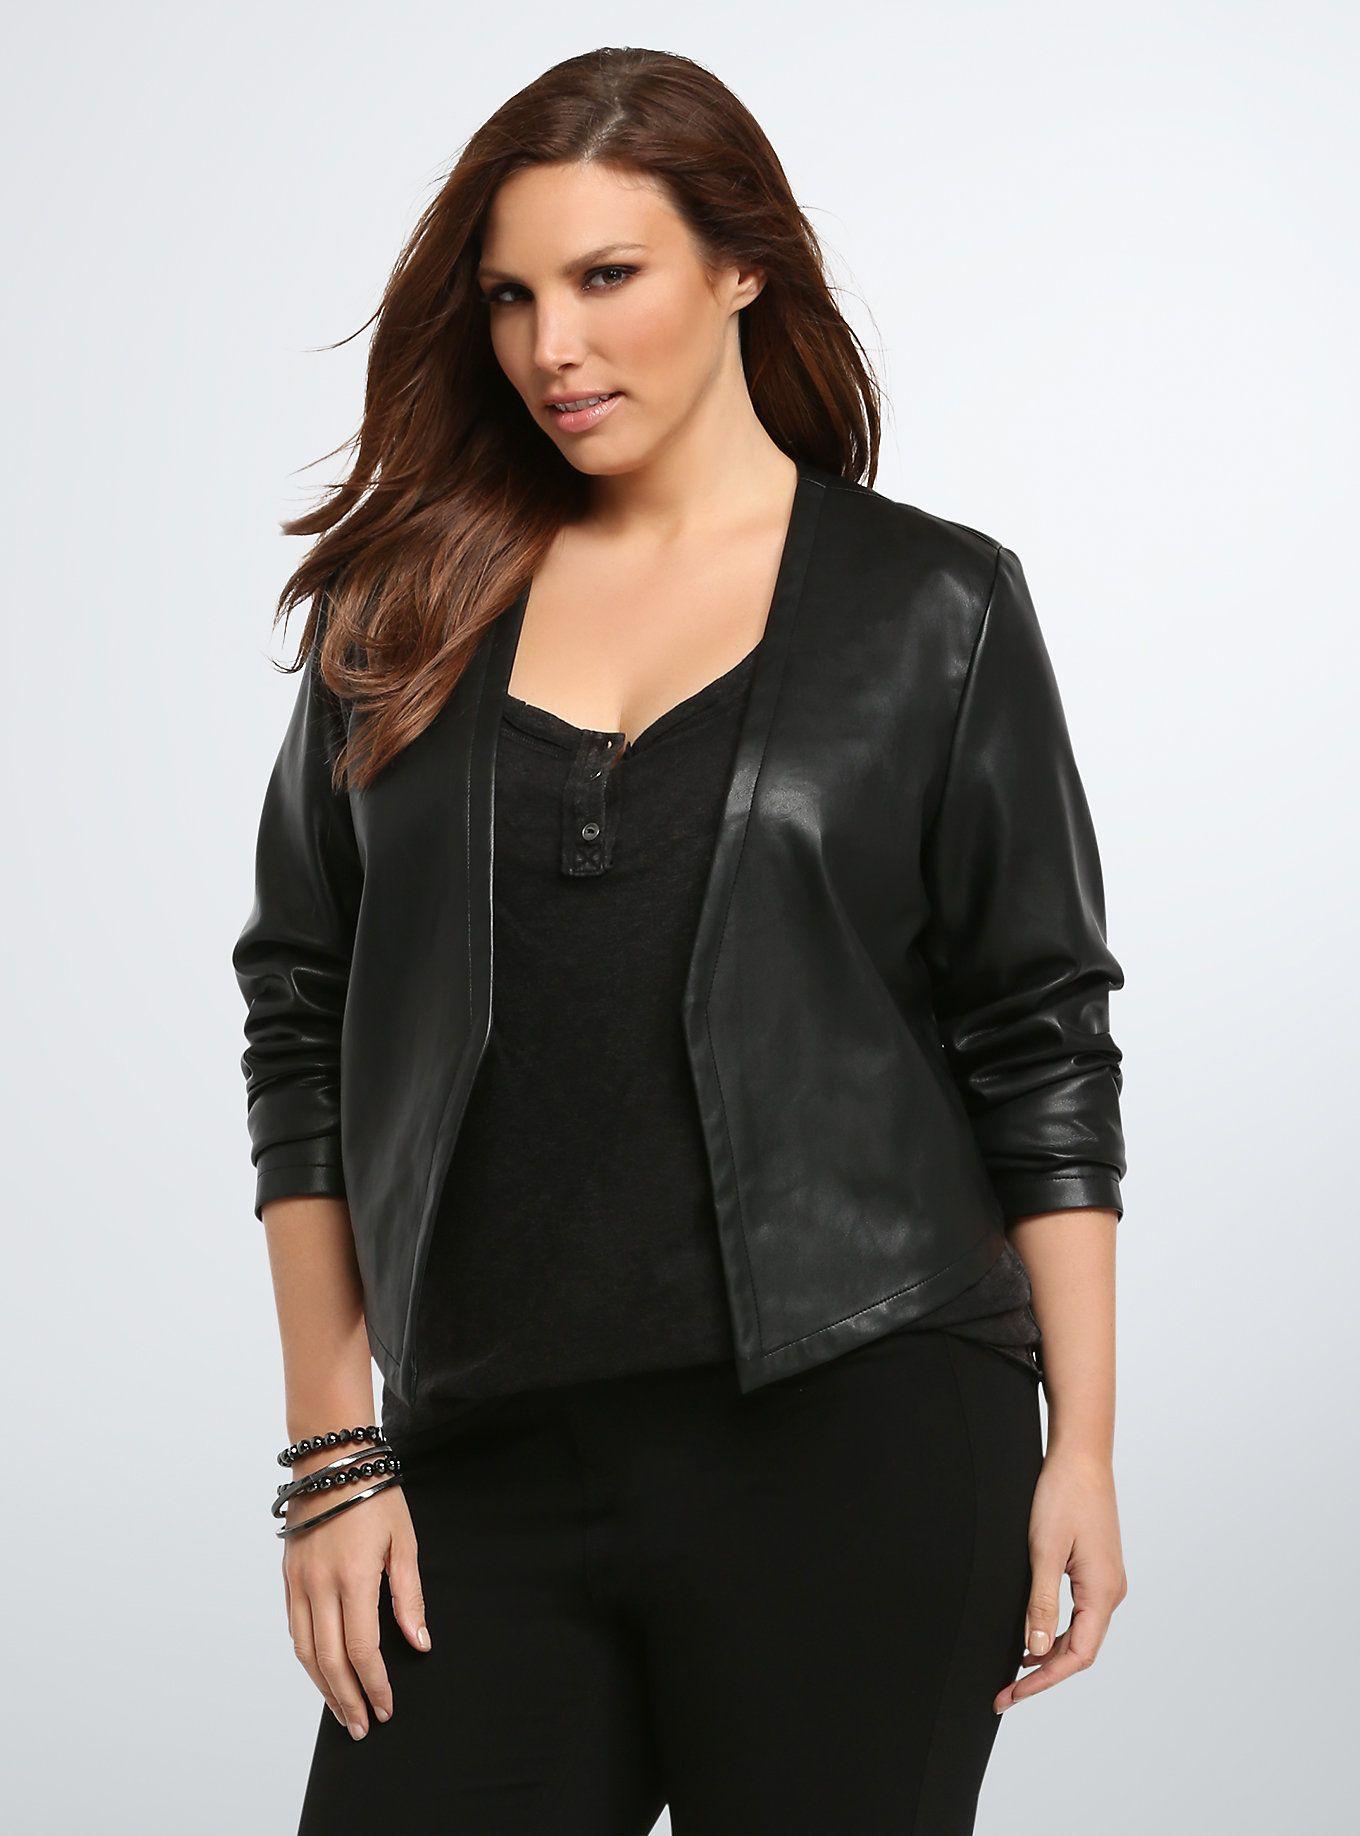 Beaded Back Faux Leather Jacket Plus size clothing sale